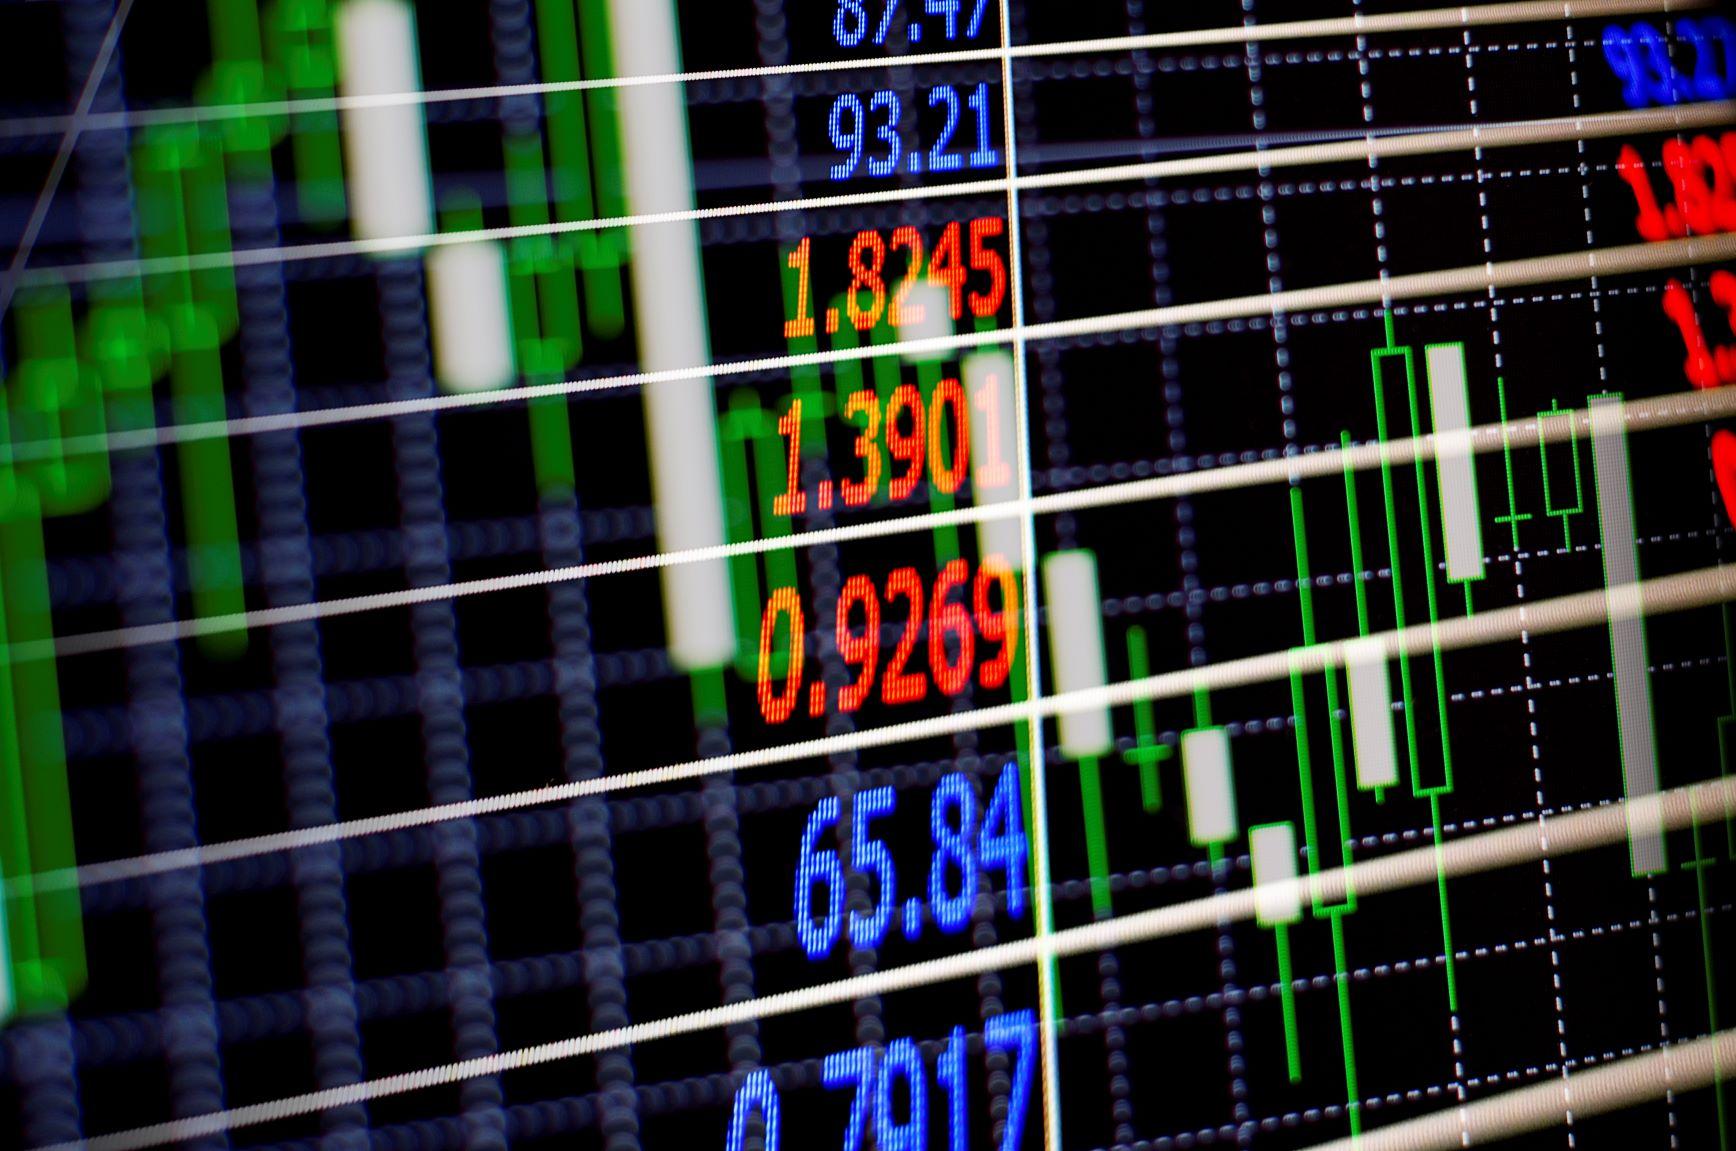 Mercado ao vivo: Bolsa busca recuperação com commodities e investidores seguem atentos ao cenário fiscal; dólar cai mais de 1,1%